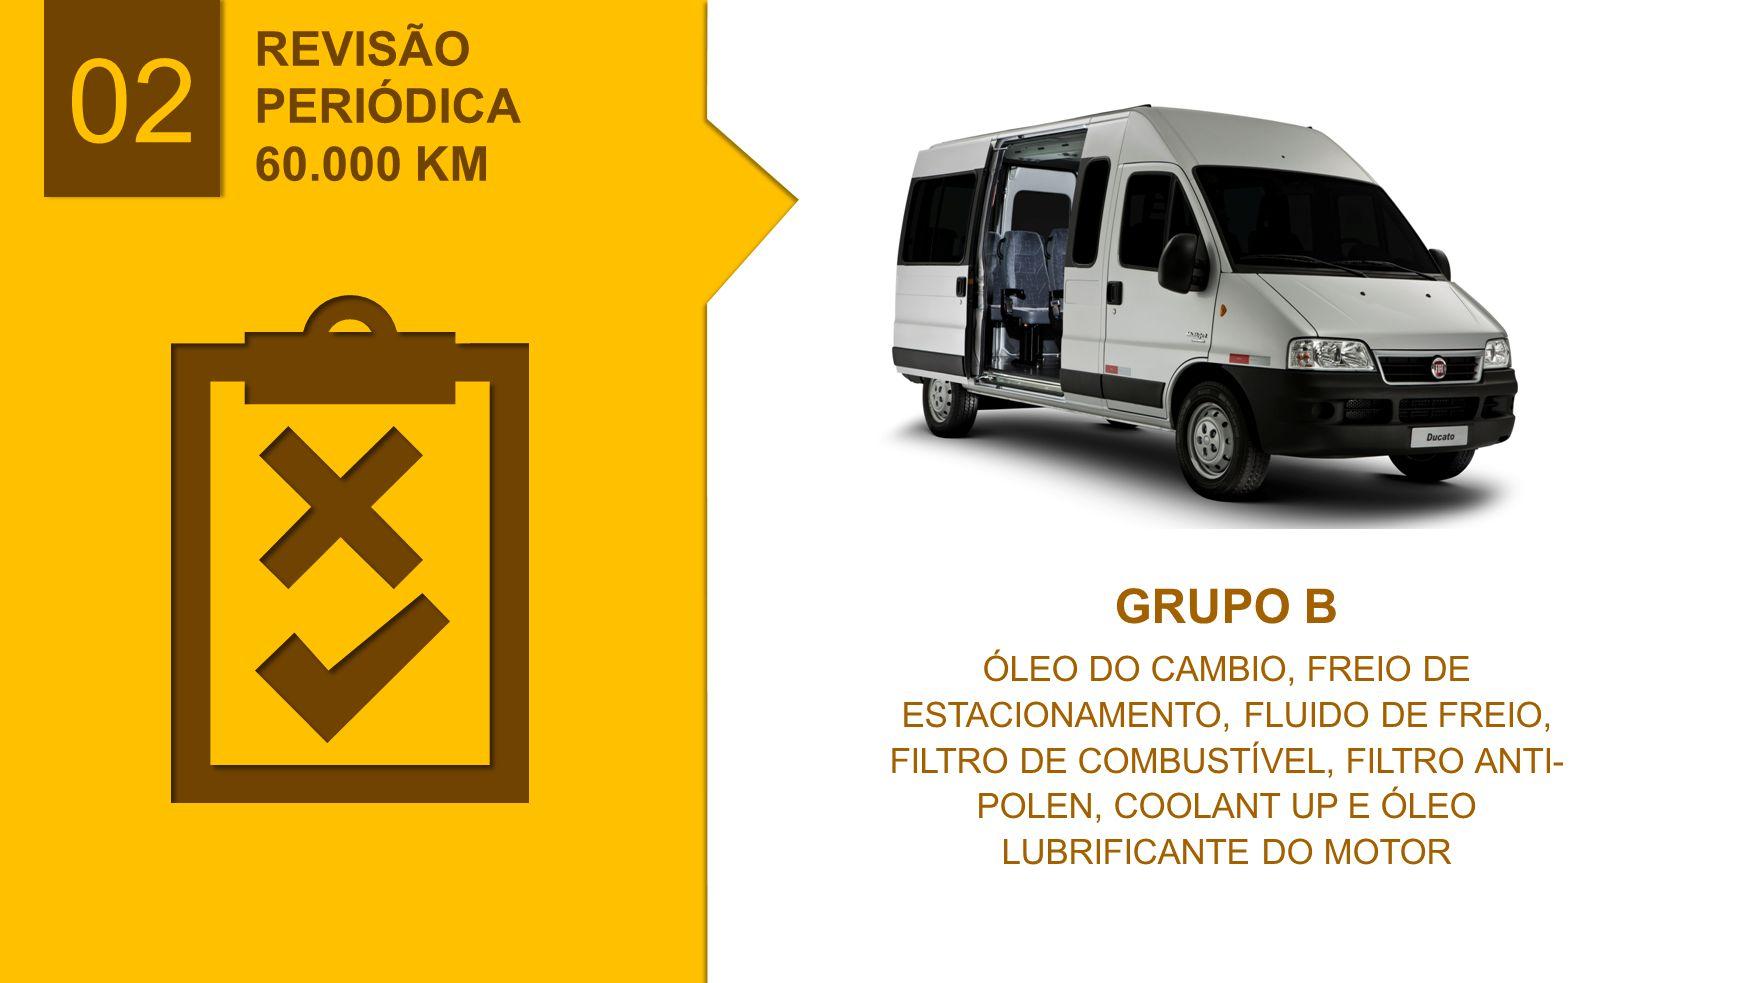 02 REVISÃO PERIÓDICA 60.000 KM GRUPO B